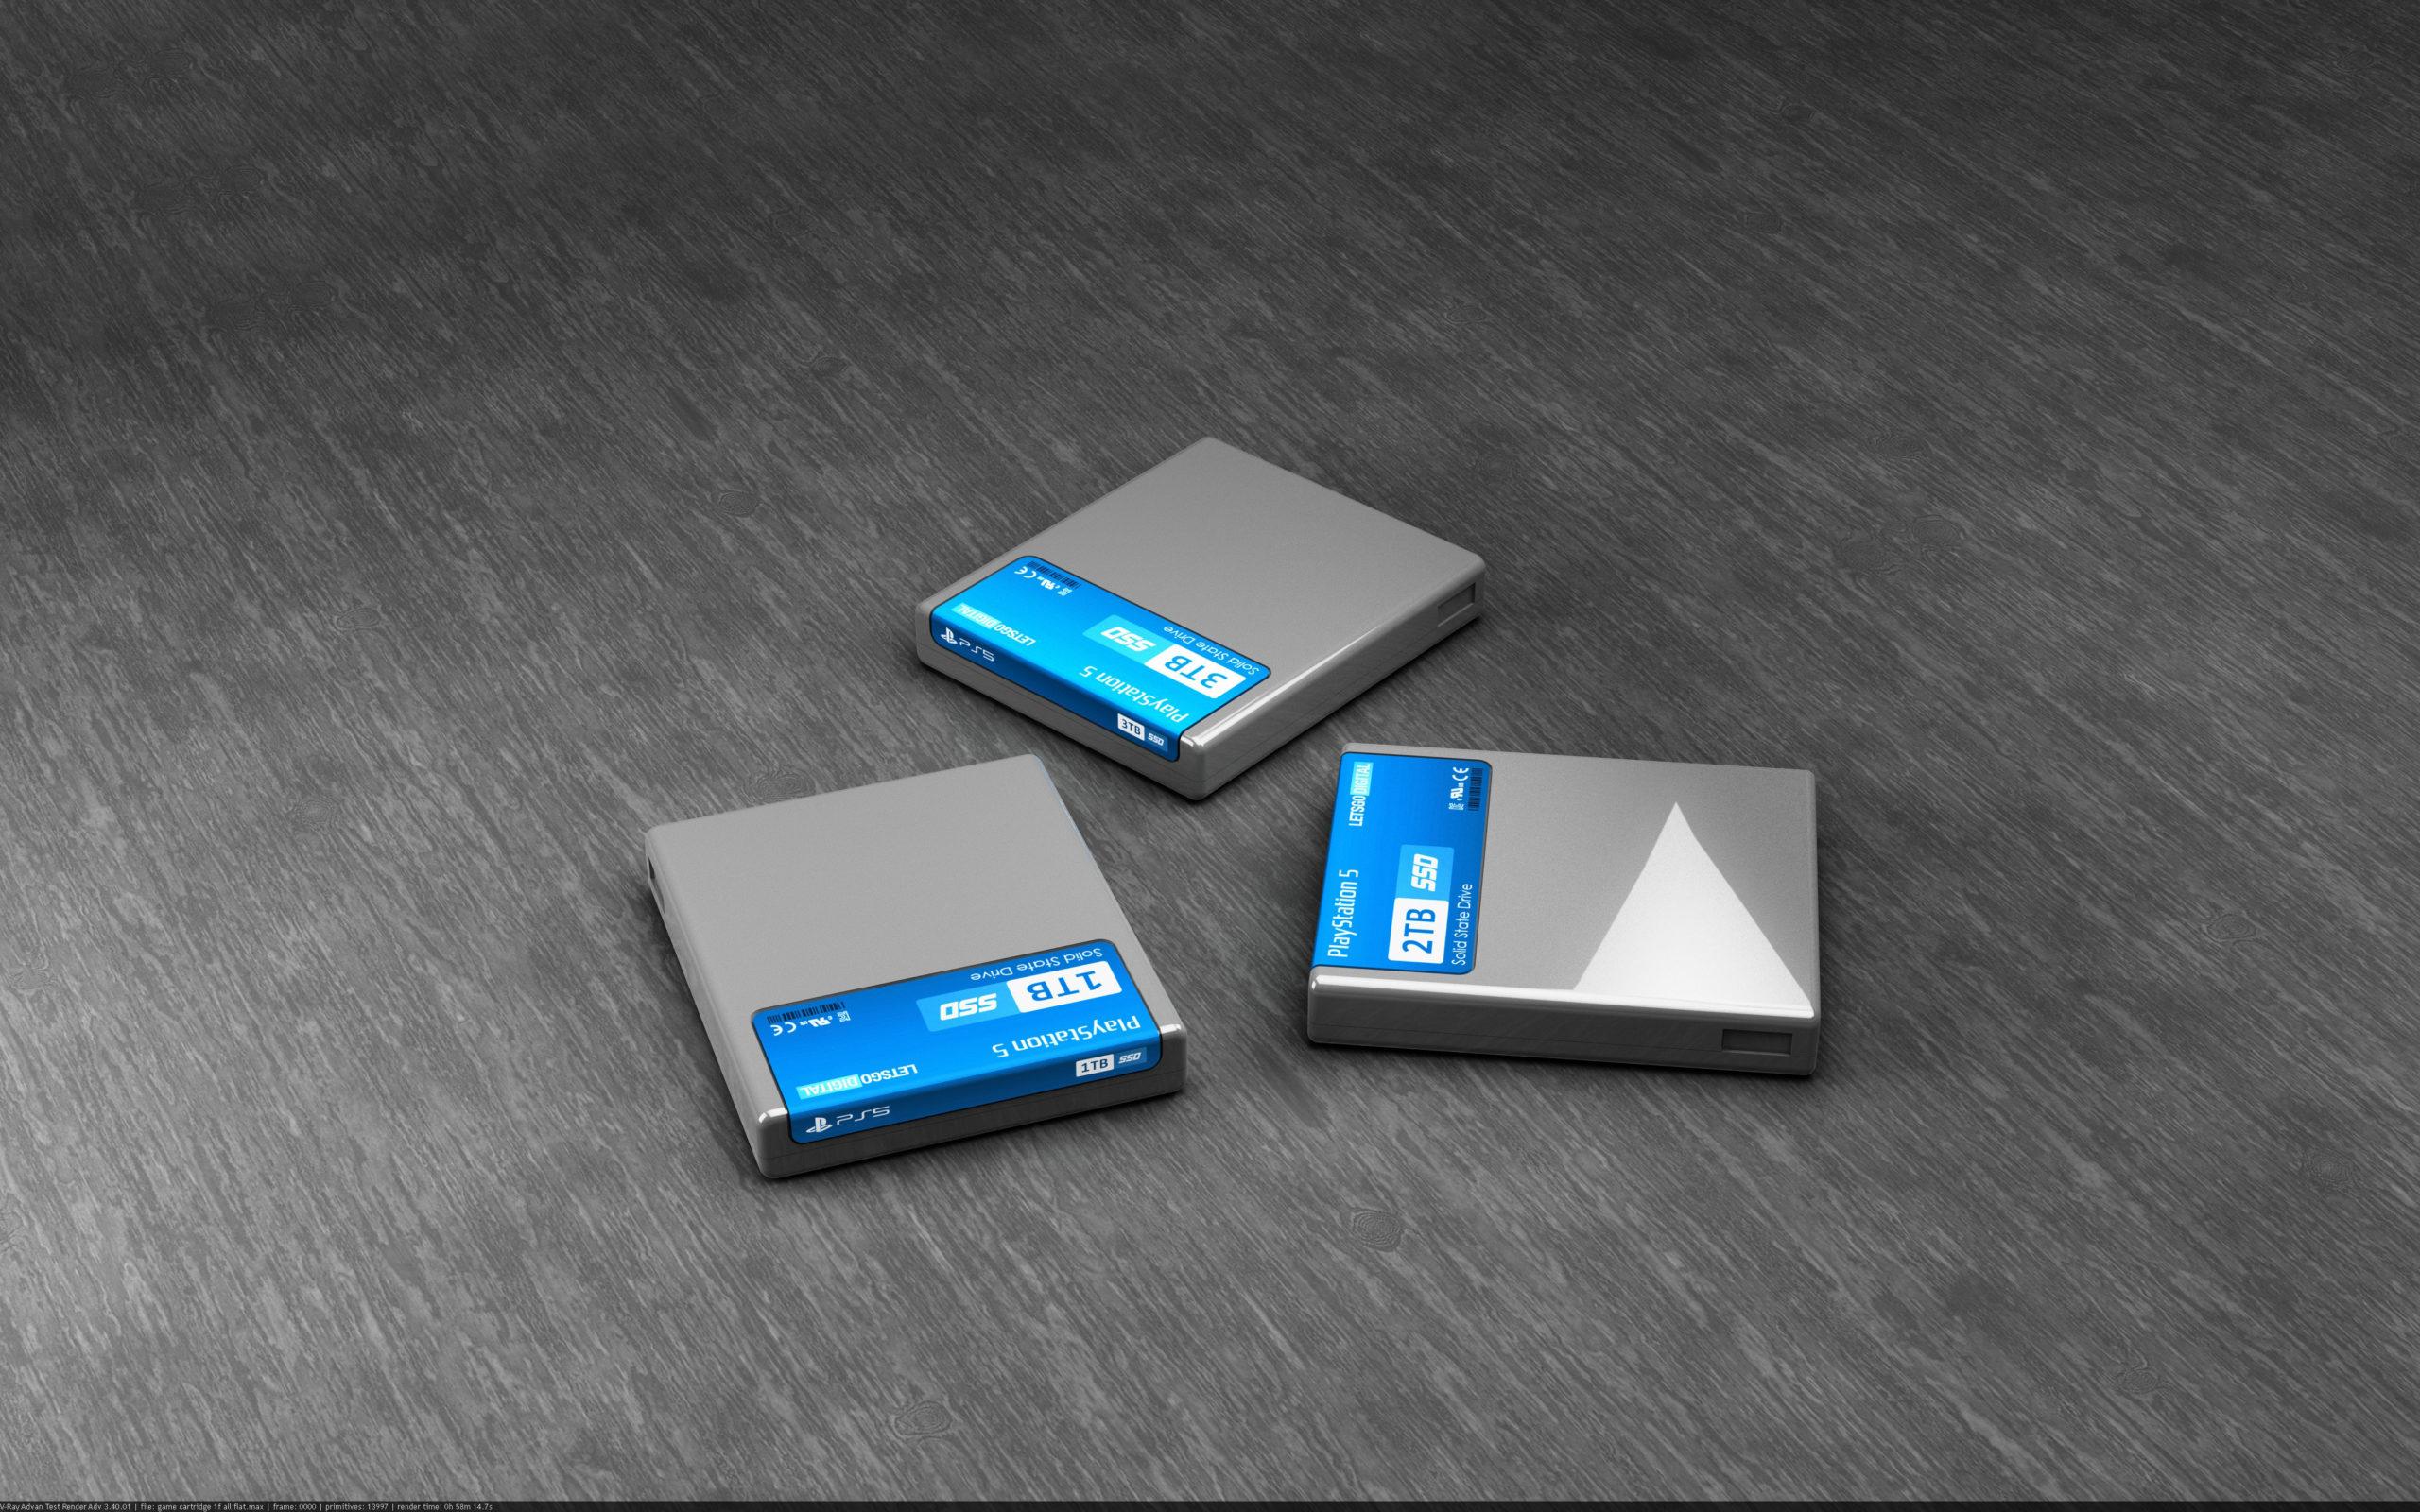 В Sony PlayStation 5 могут быть использованы SSD-накопители Samsung